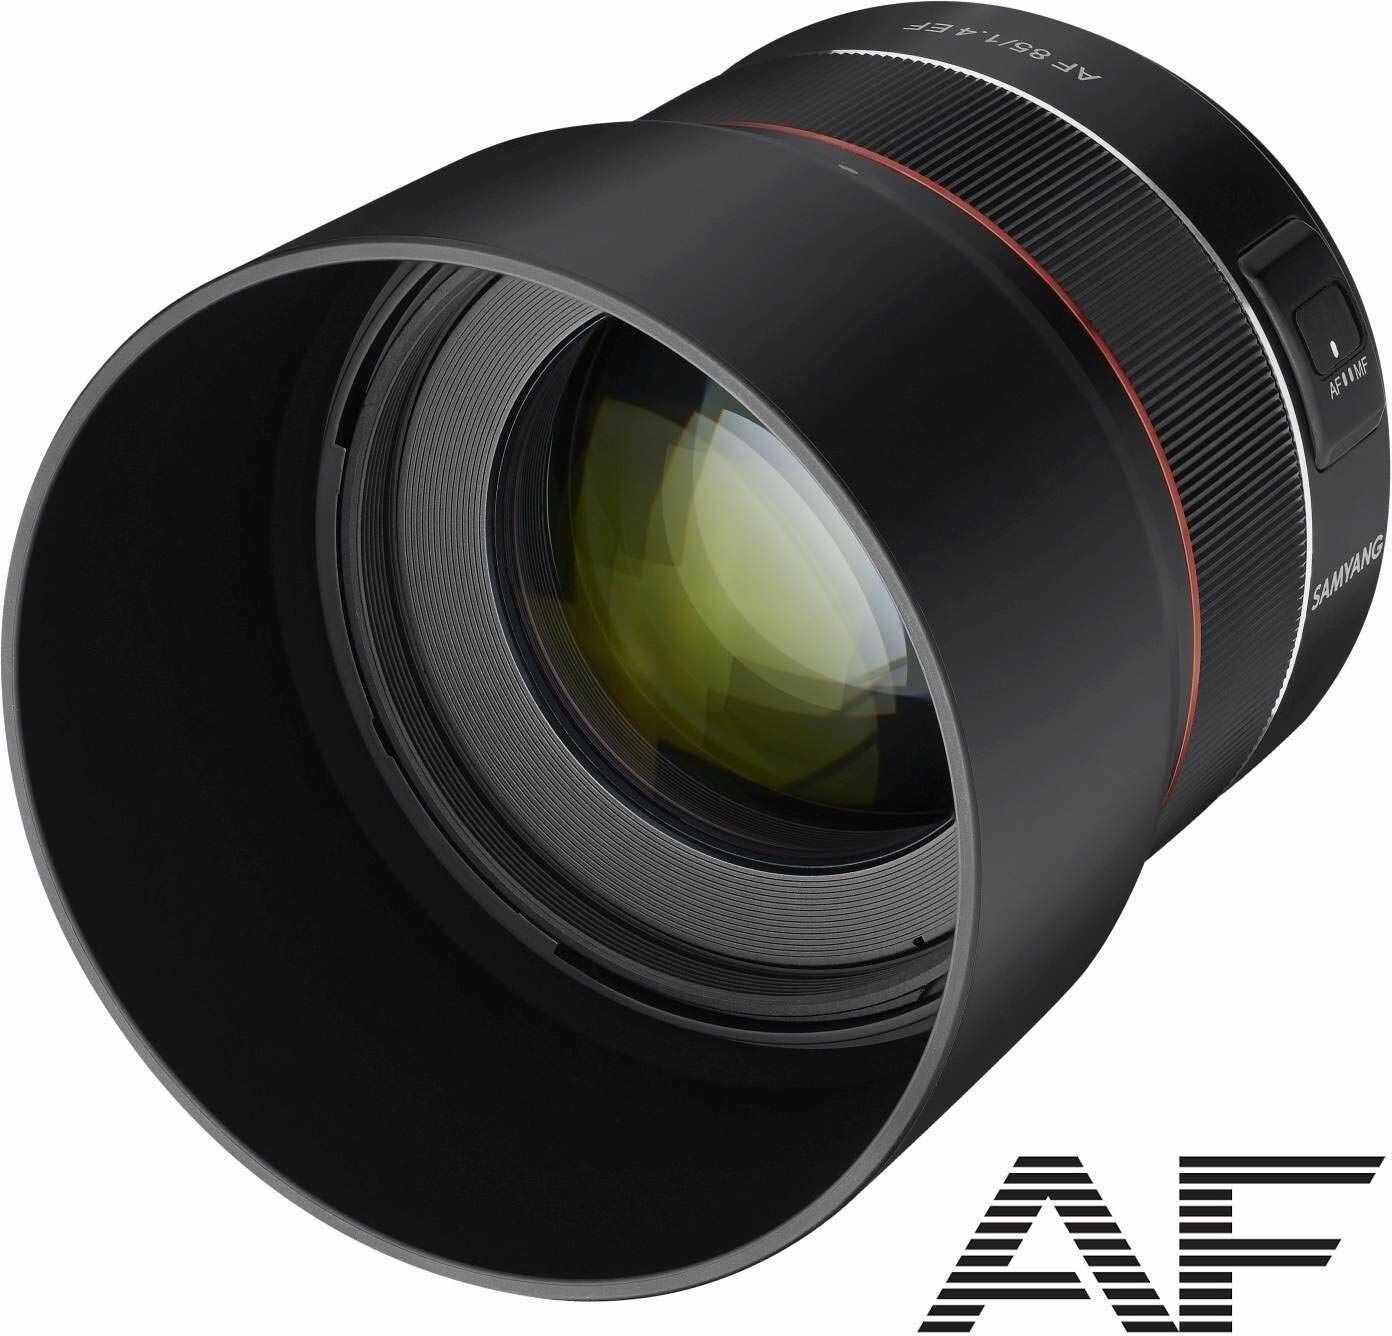 Samyang Obiektyw Tele do Zdjęć Portretowych z Szybkimi Migawkami DSLM i Autofokusem, Czarny, Ø 85 mm